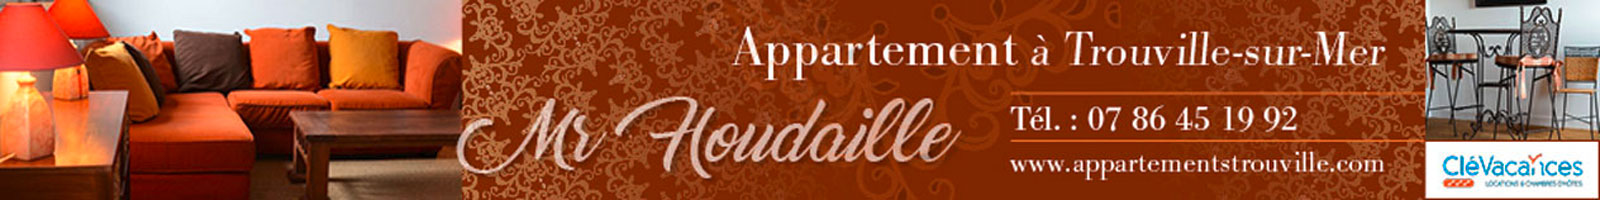 Mr Houdaille